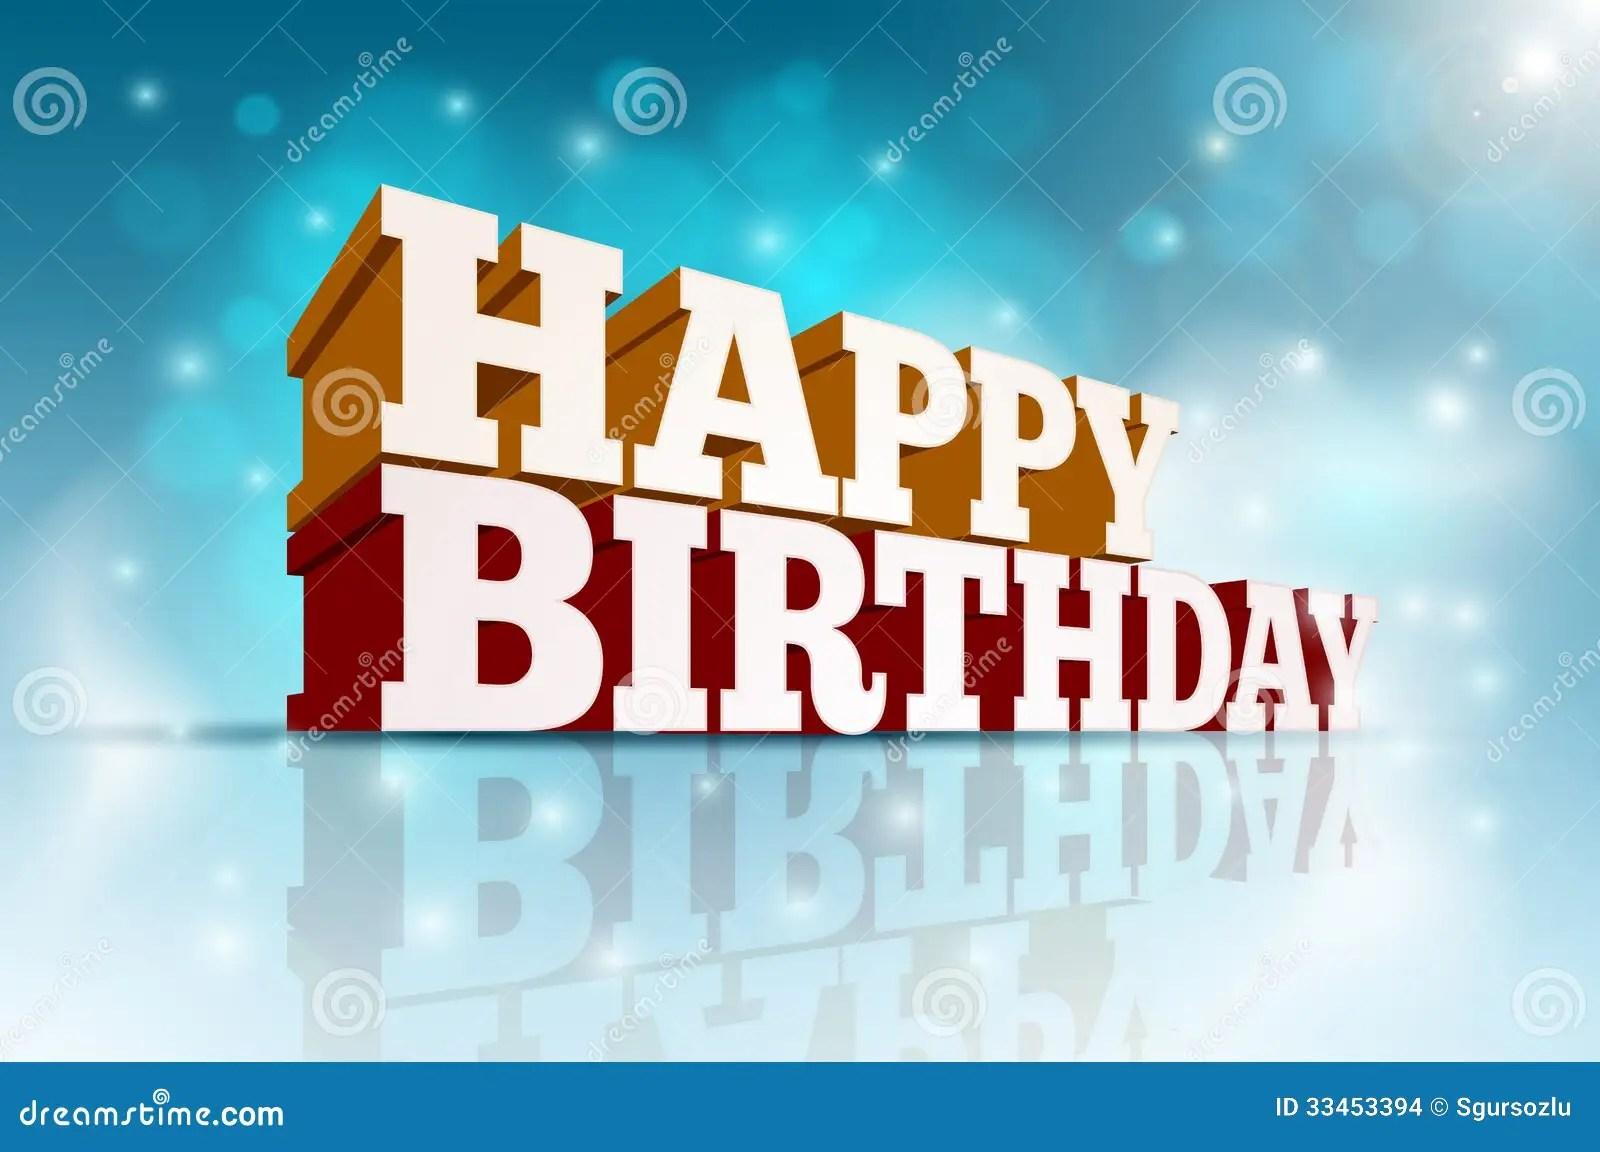 Happy Birthday Stock Images  Image 33453394